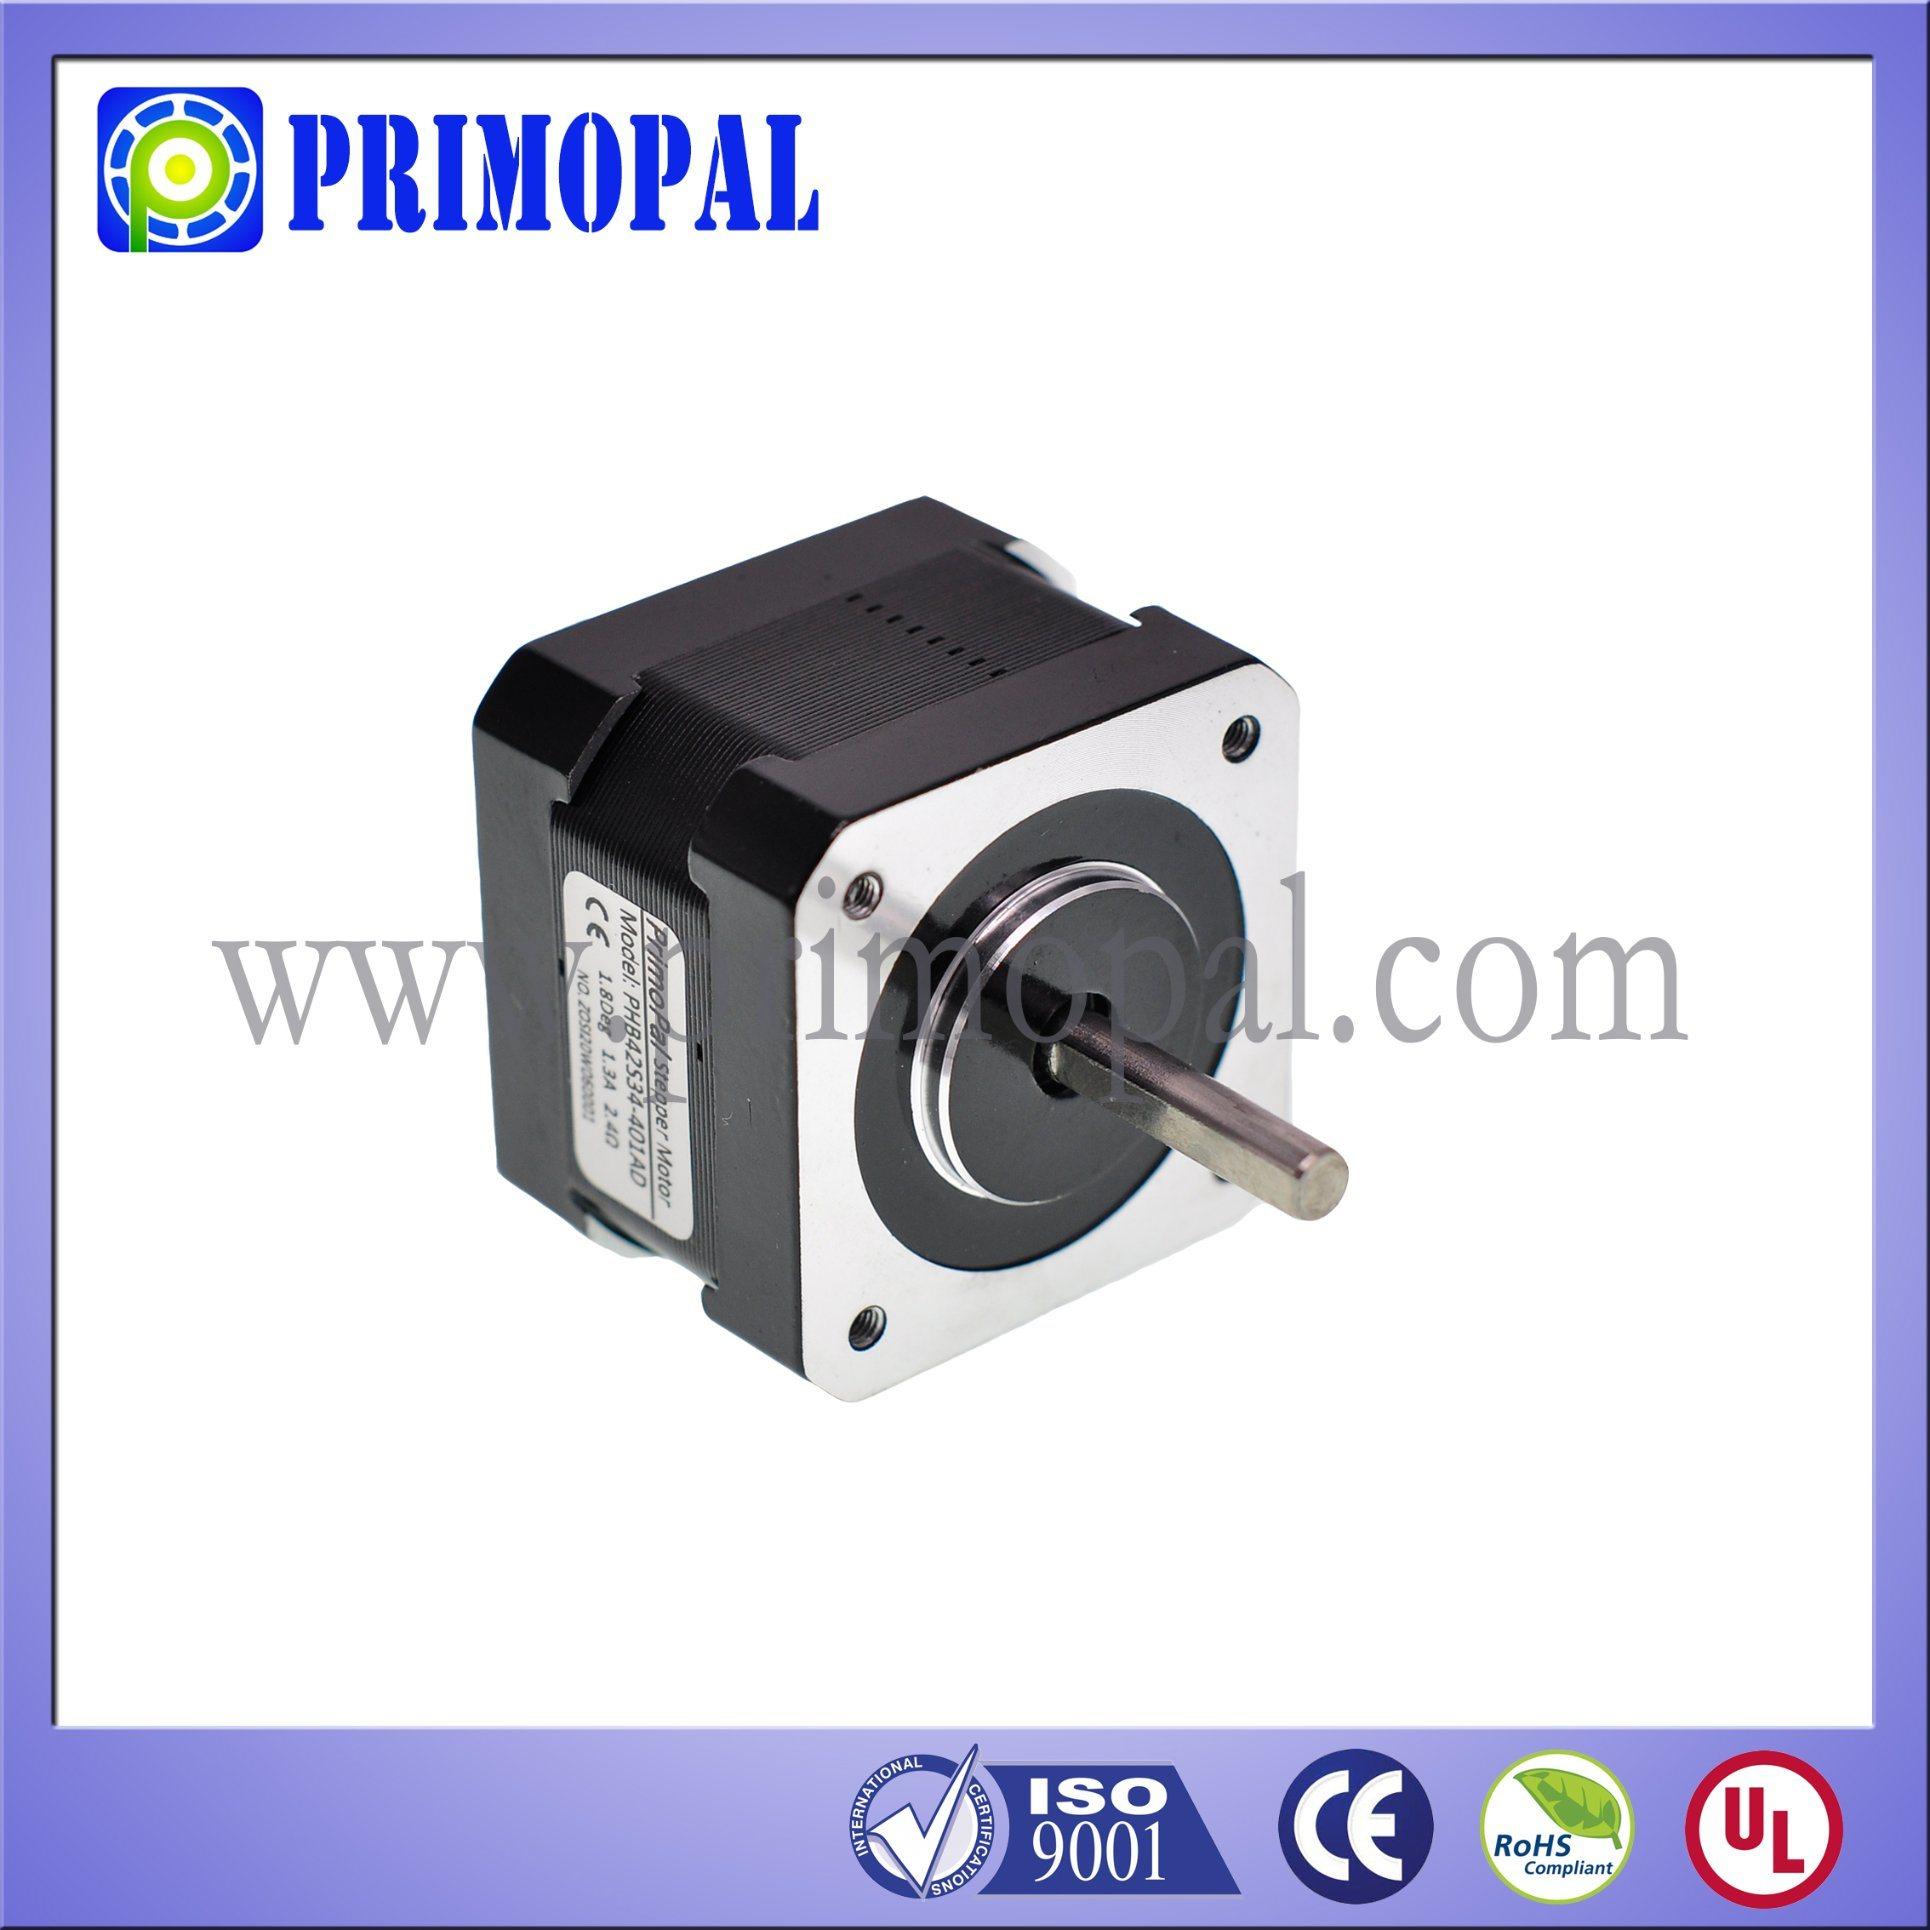 High Precision NEMA 17 Stepper Motor for CNC Applications